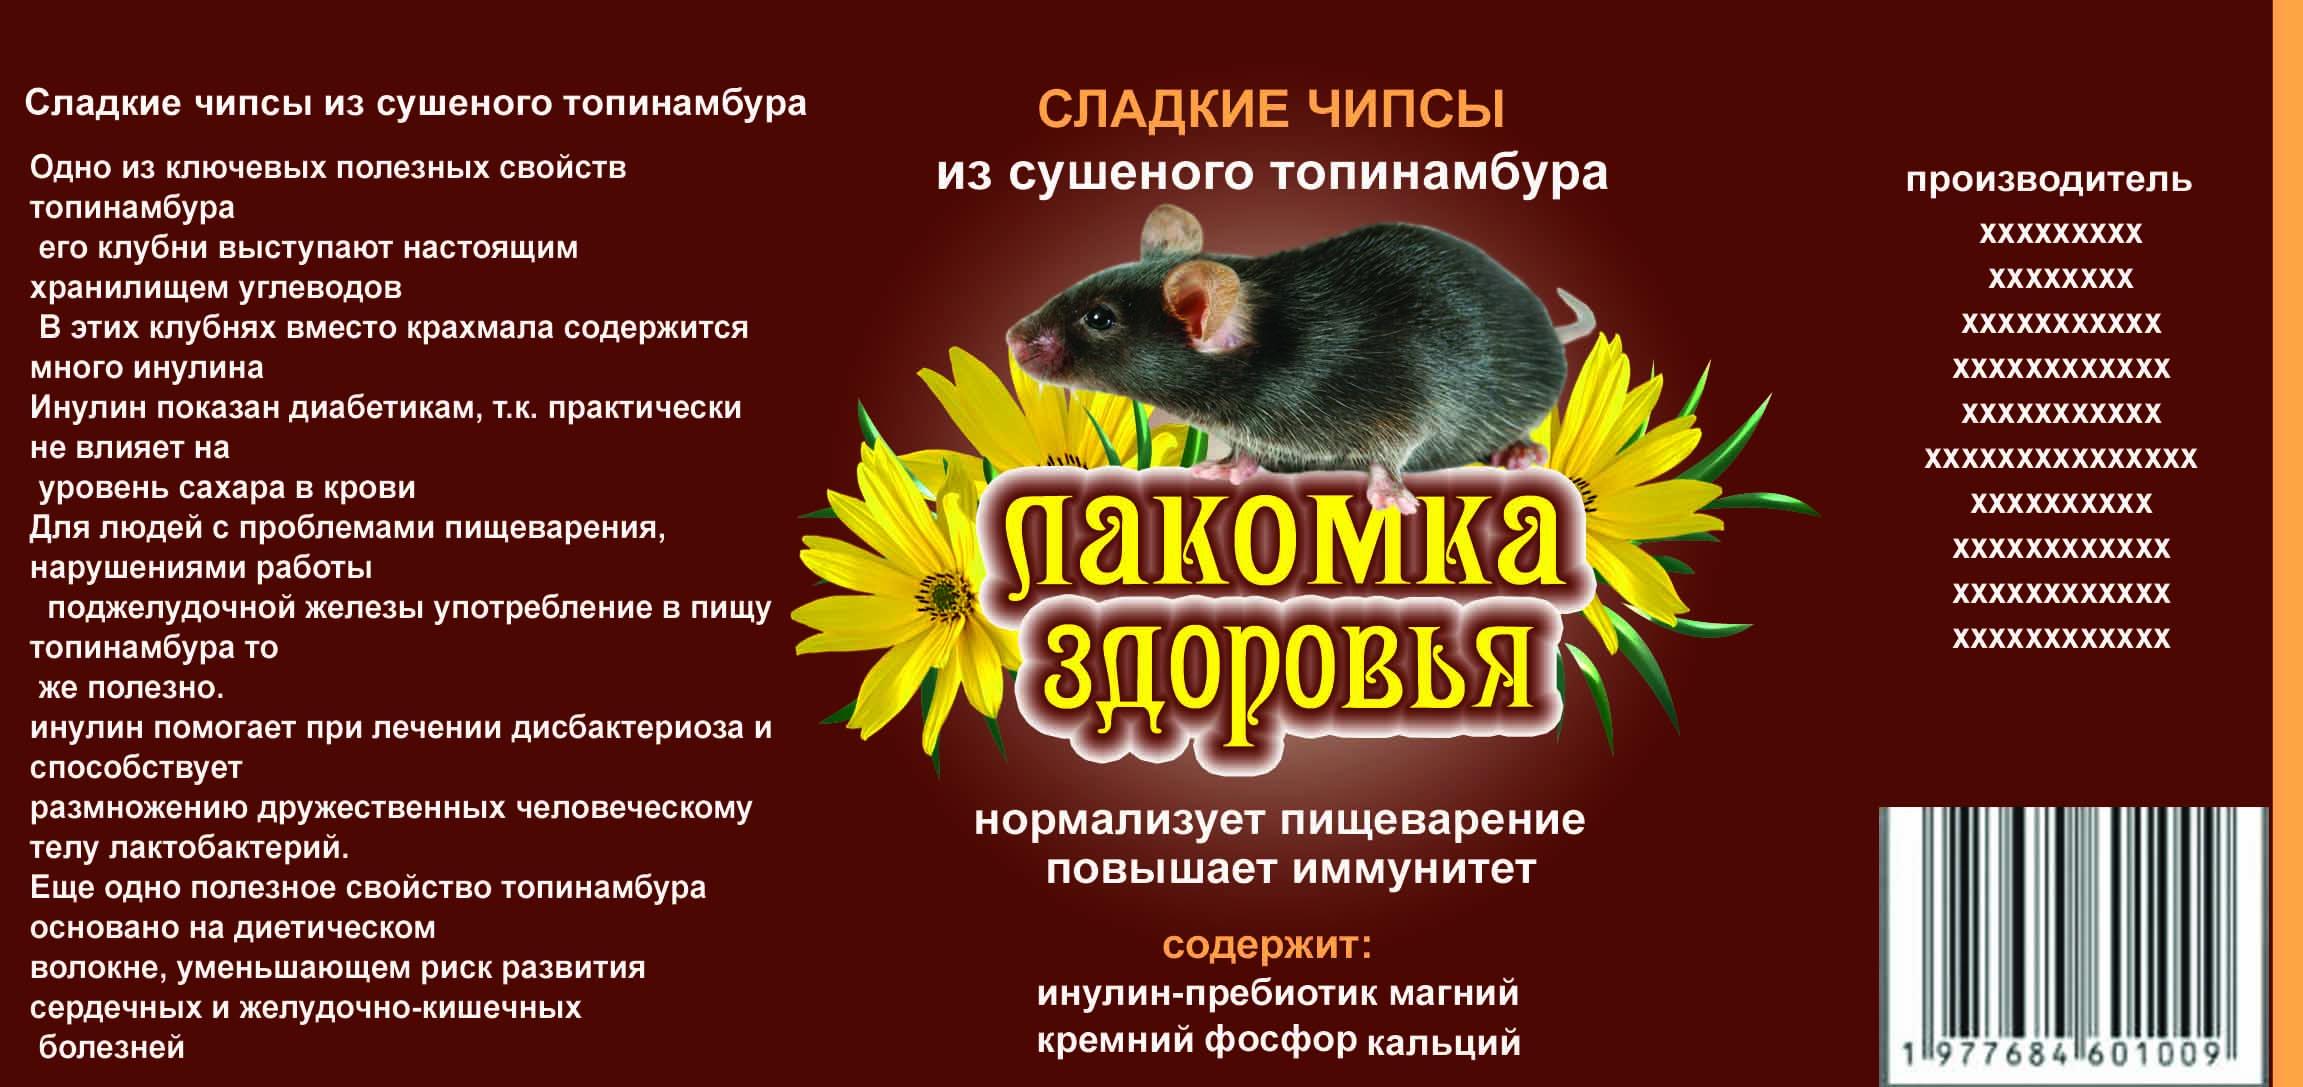 Дизайн этикетки на ПЭТ-банку лакомства для домашних грызунов фото f_66553b2de378b5e7.jpg